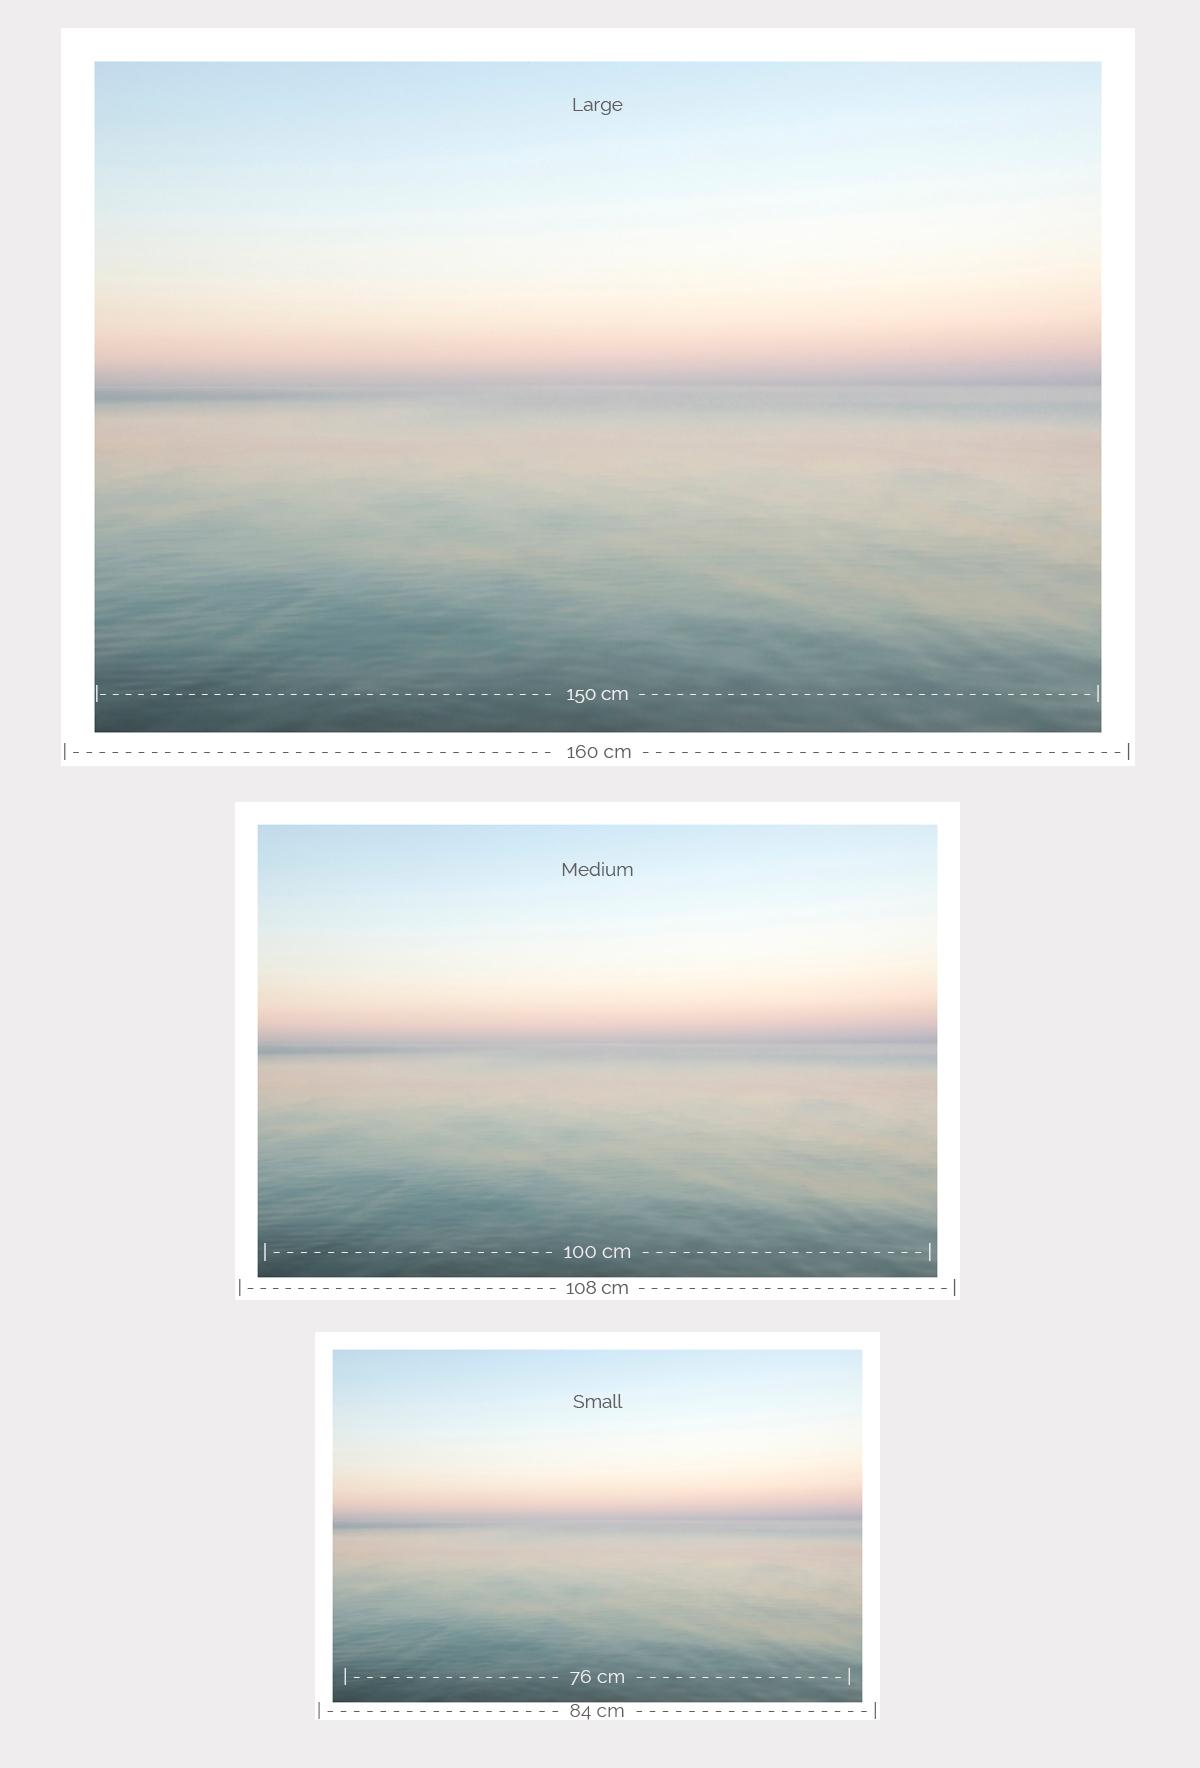 is-joanne-piechota-gentle-breeze-photographic-art